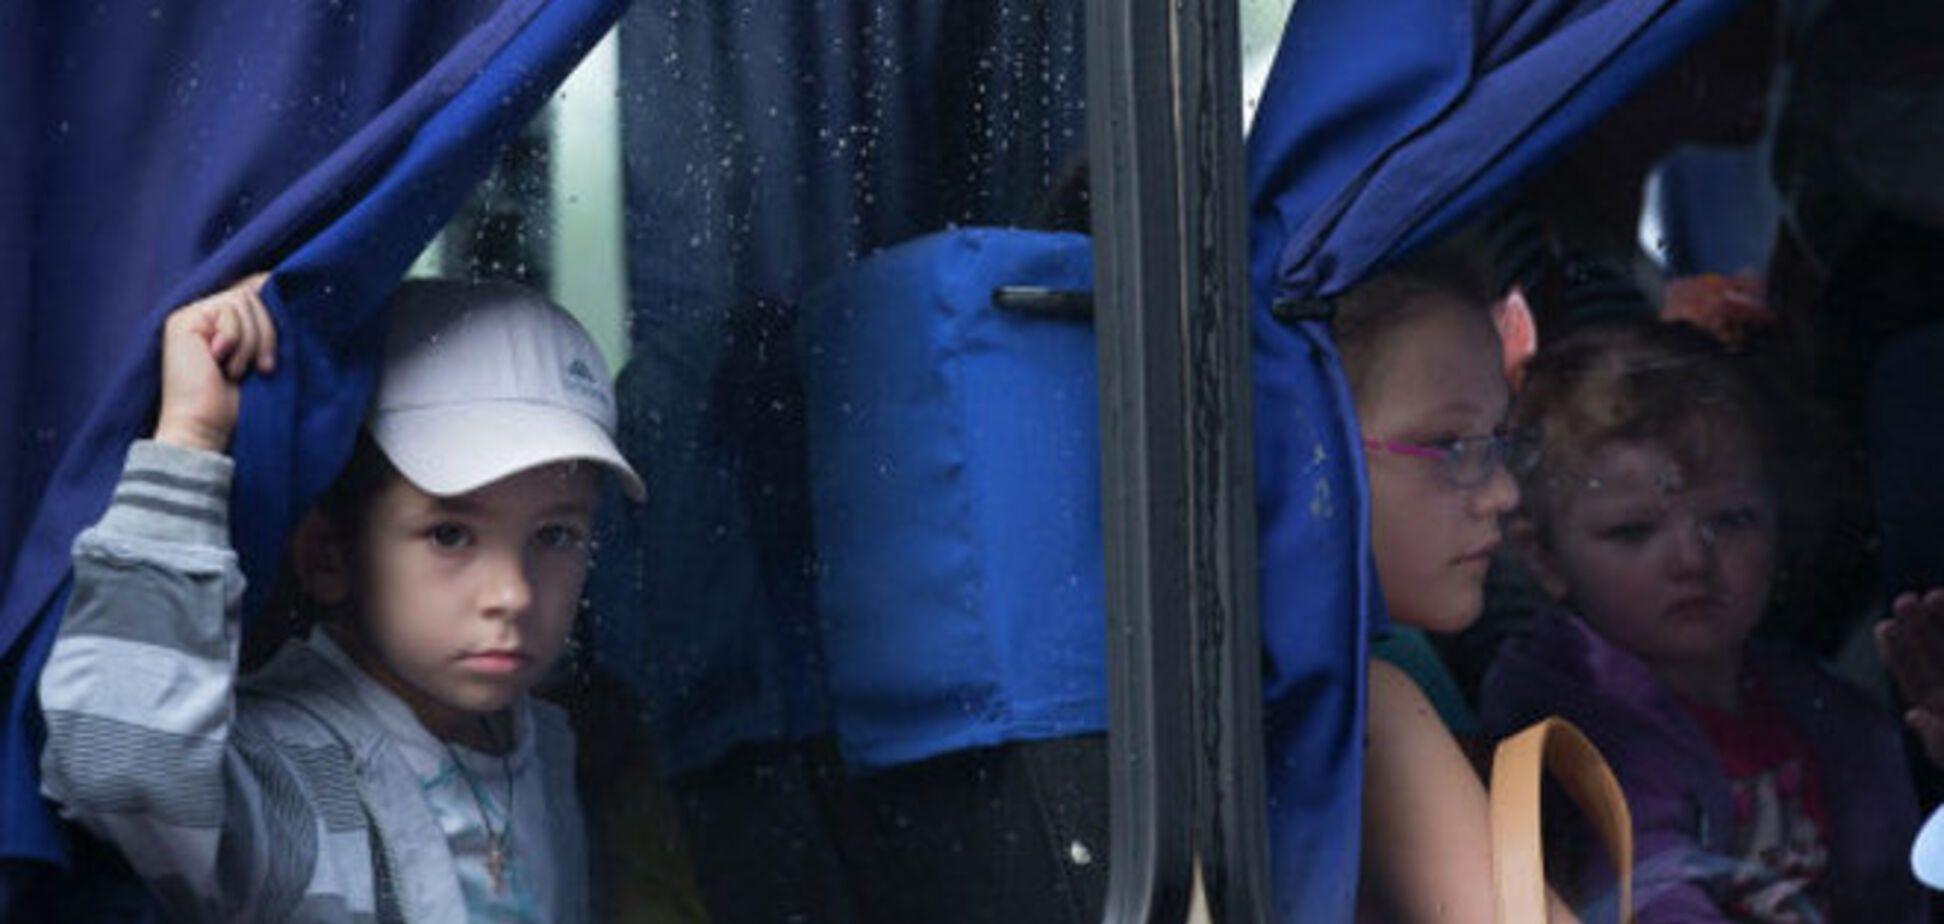 Дети из Снежного, которых террористы вывезли в Россию, уже летят в Днепропетровск - СМИ